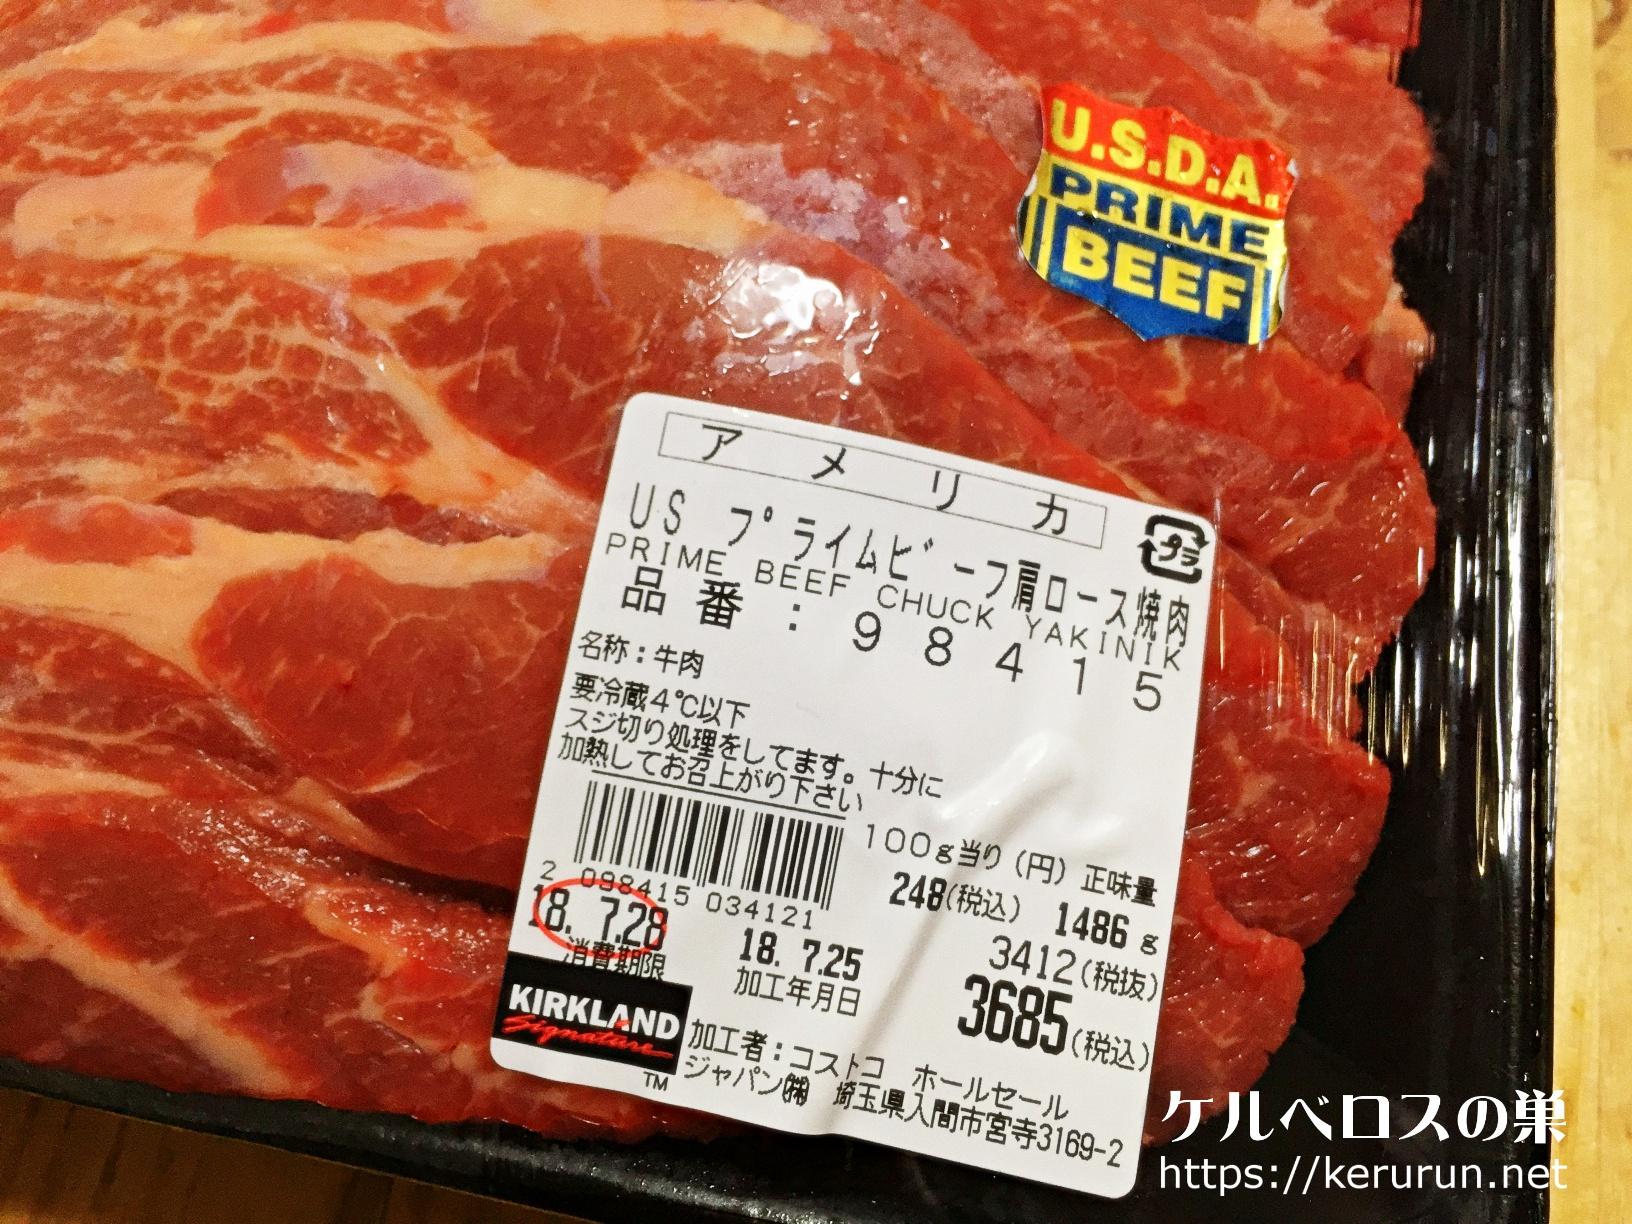 【コストコ】USプライムビーフ肩ロース焼肉